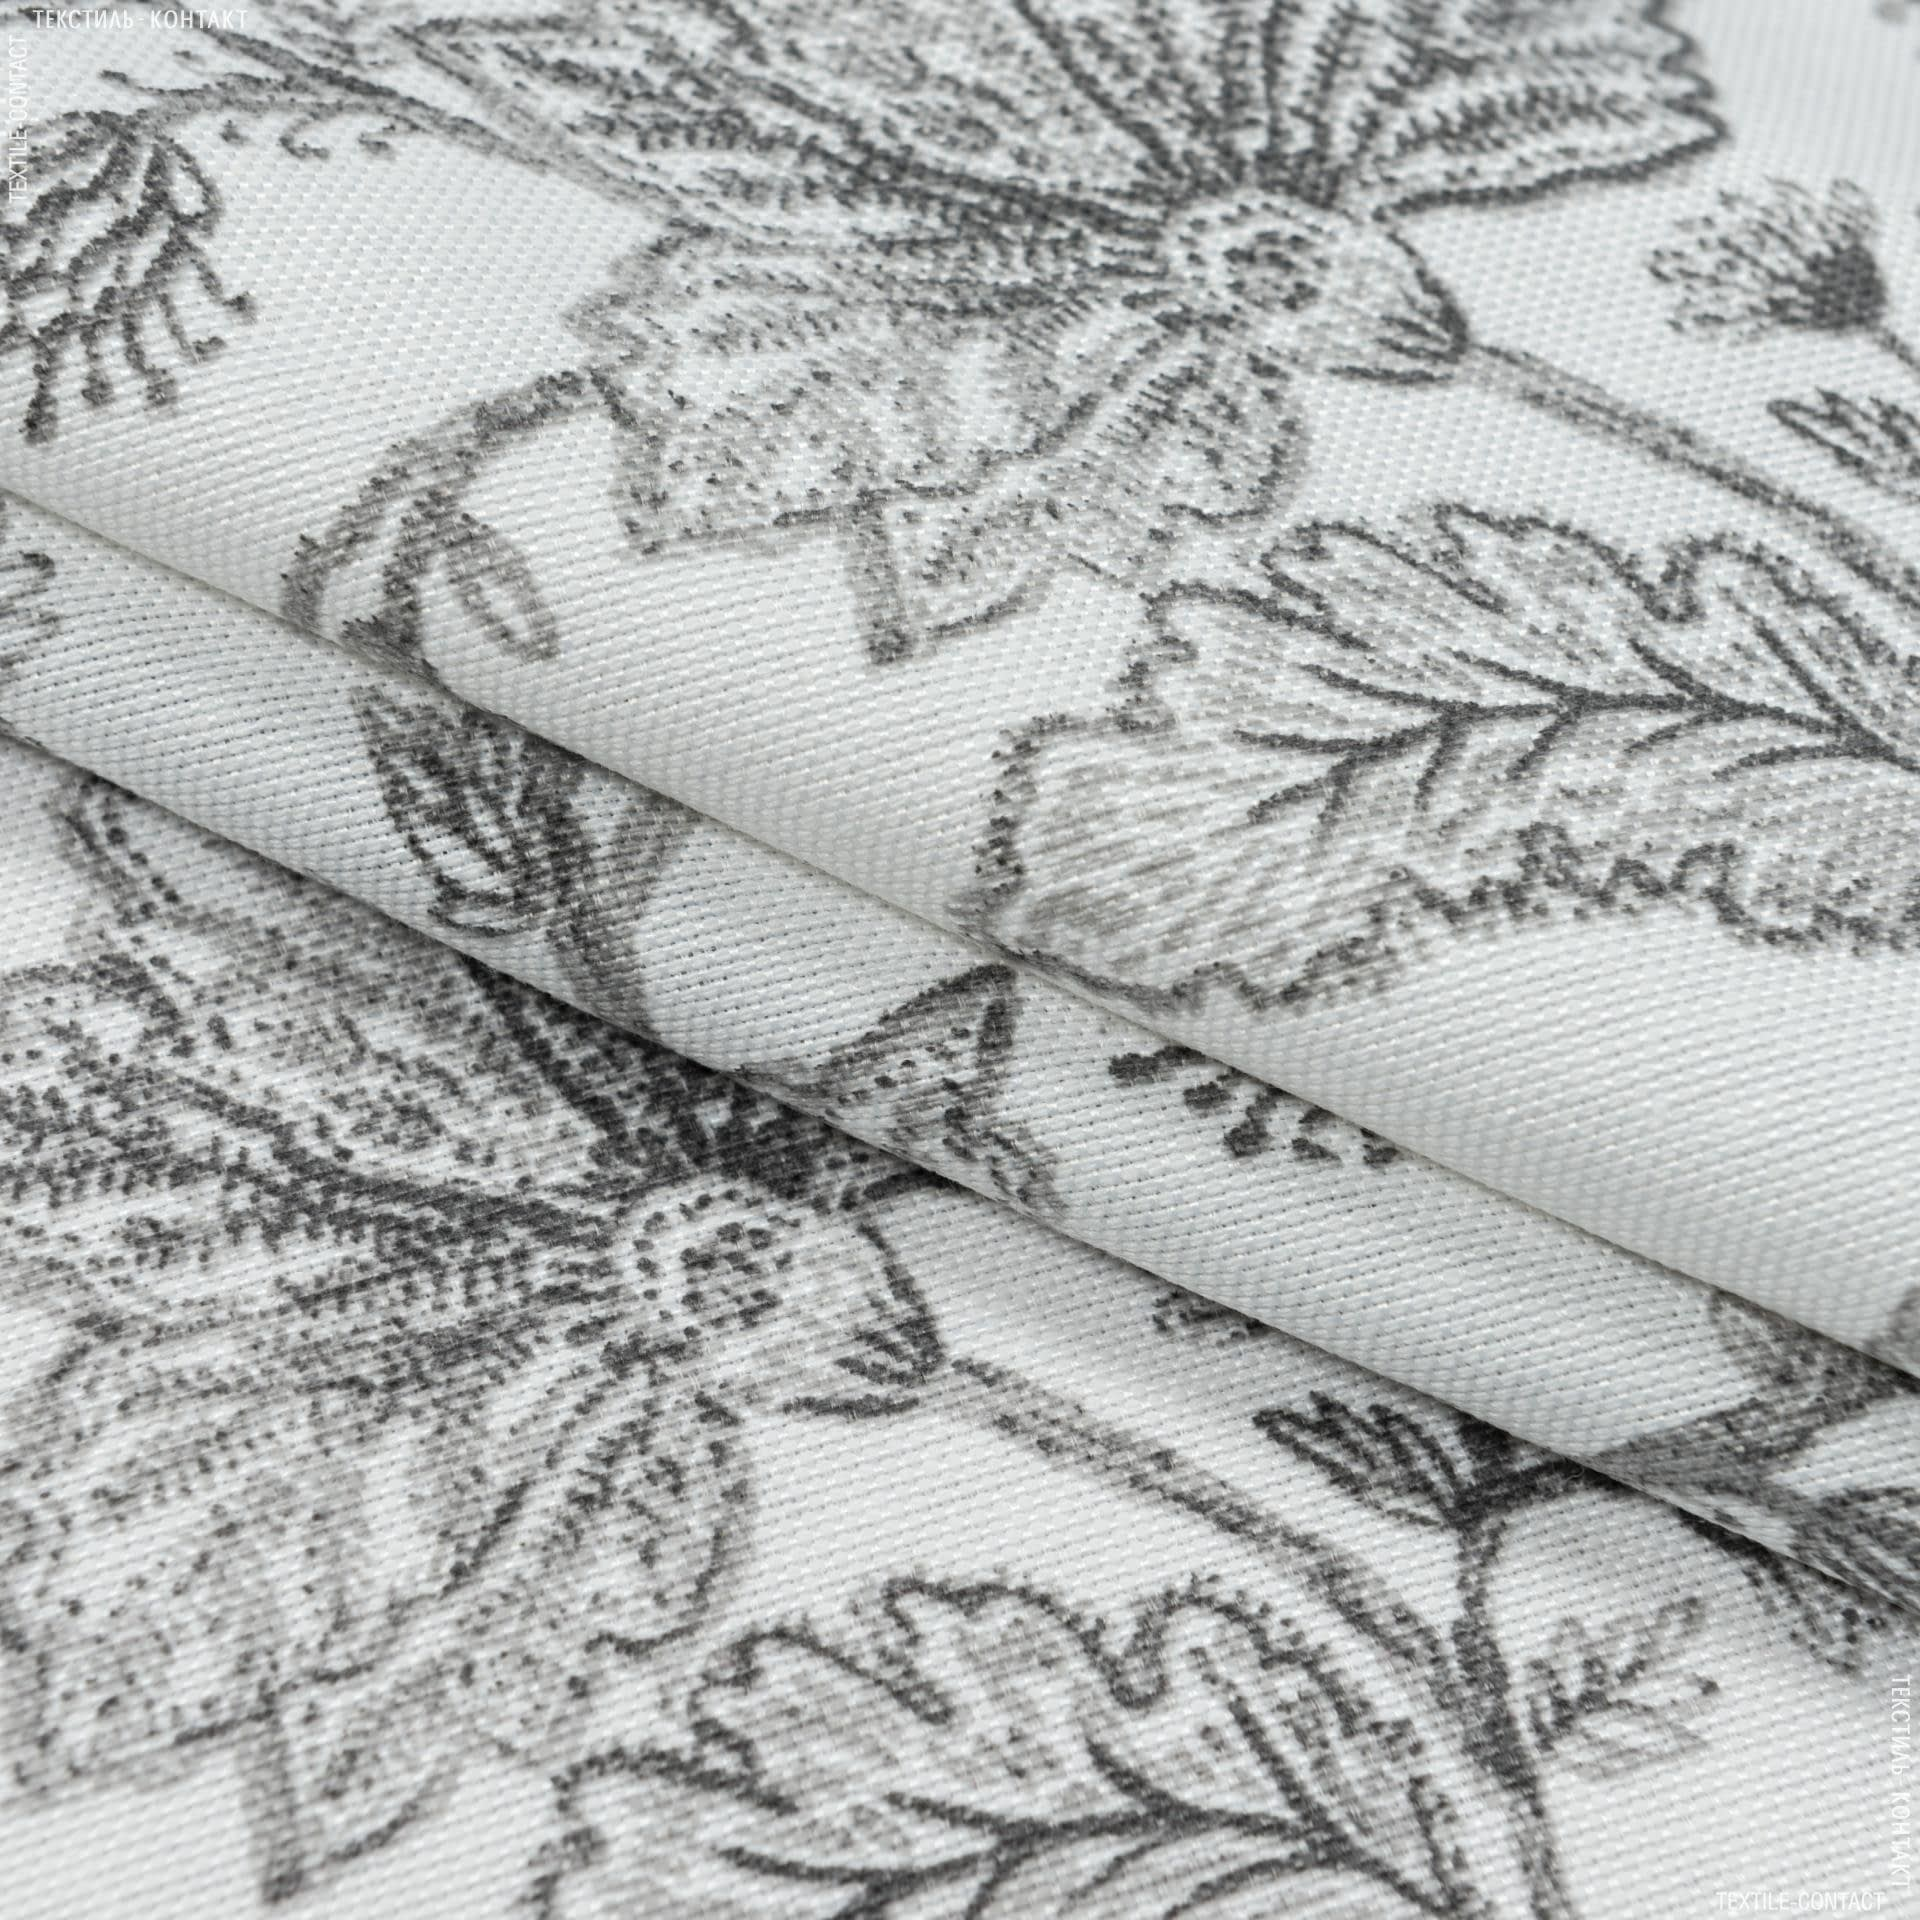 Ткани портьерные ткани - Декоративная ткань панама хани цветы фон белый